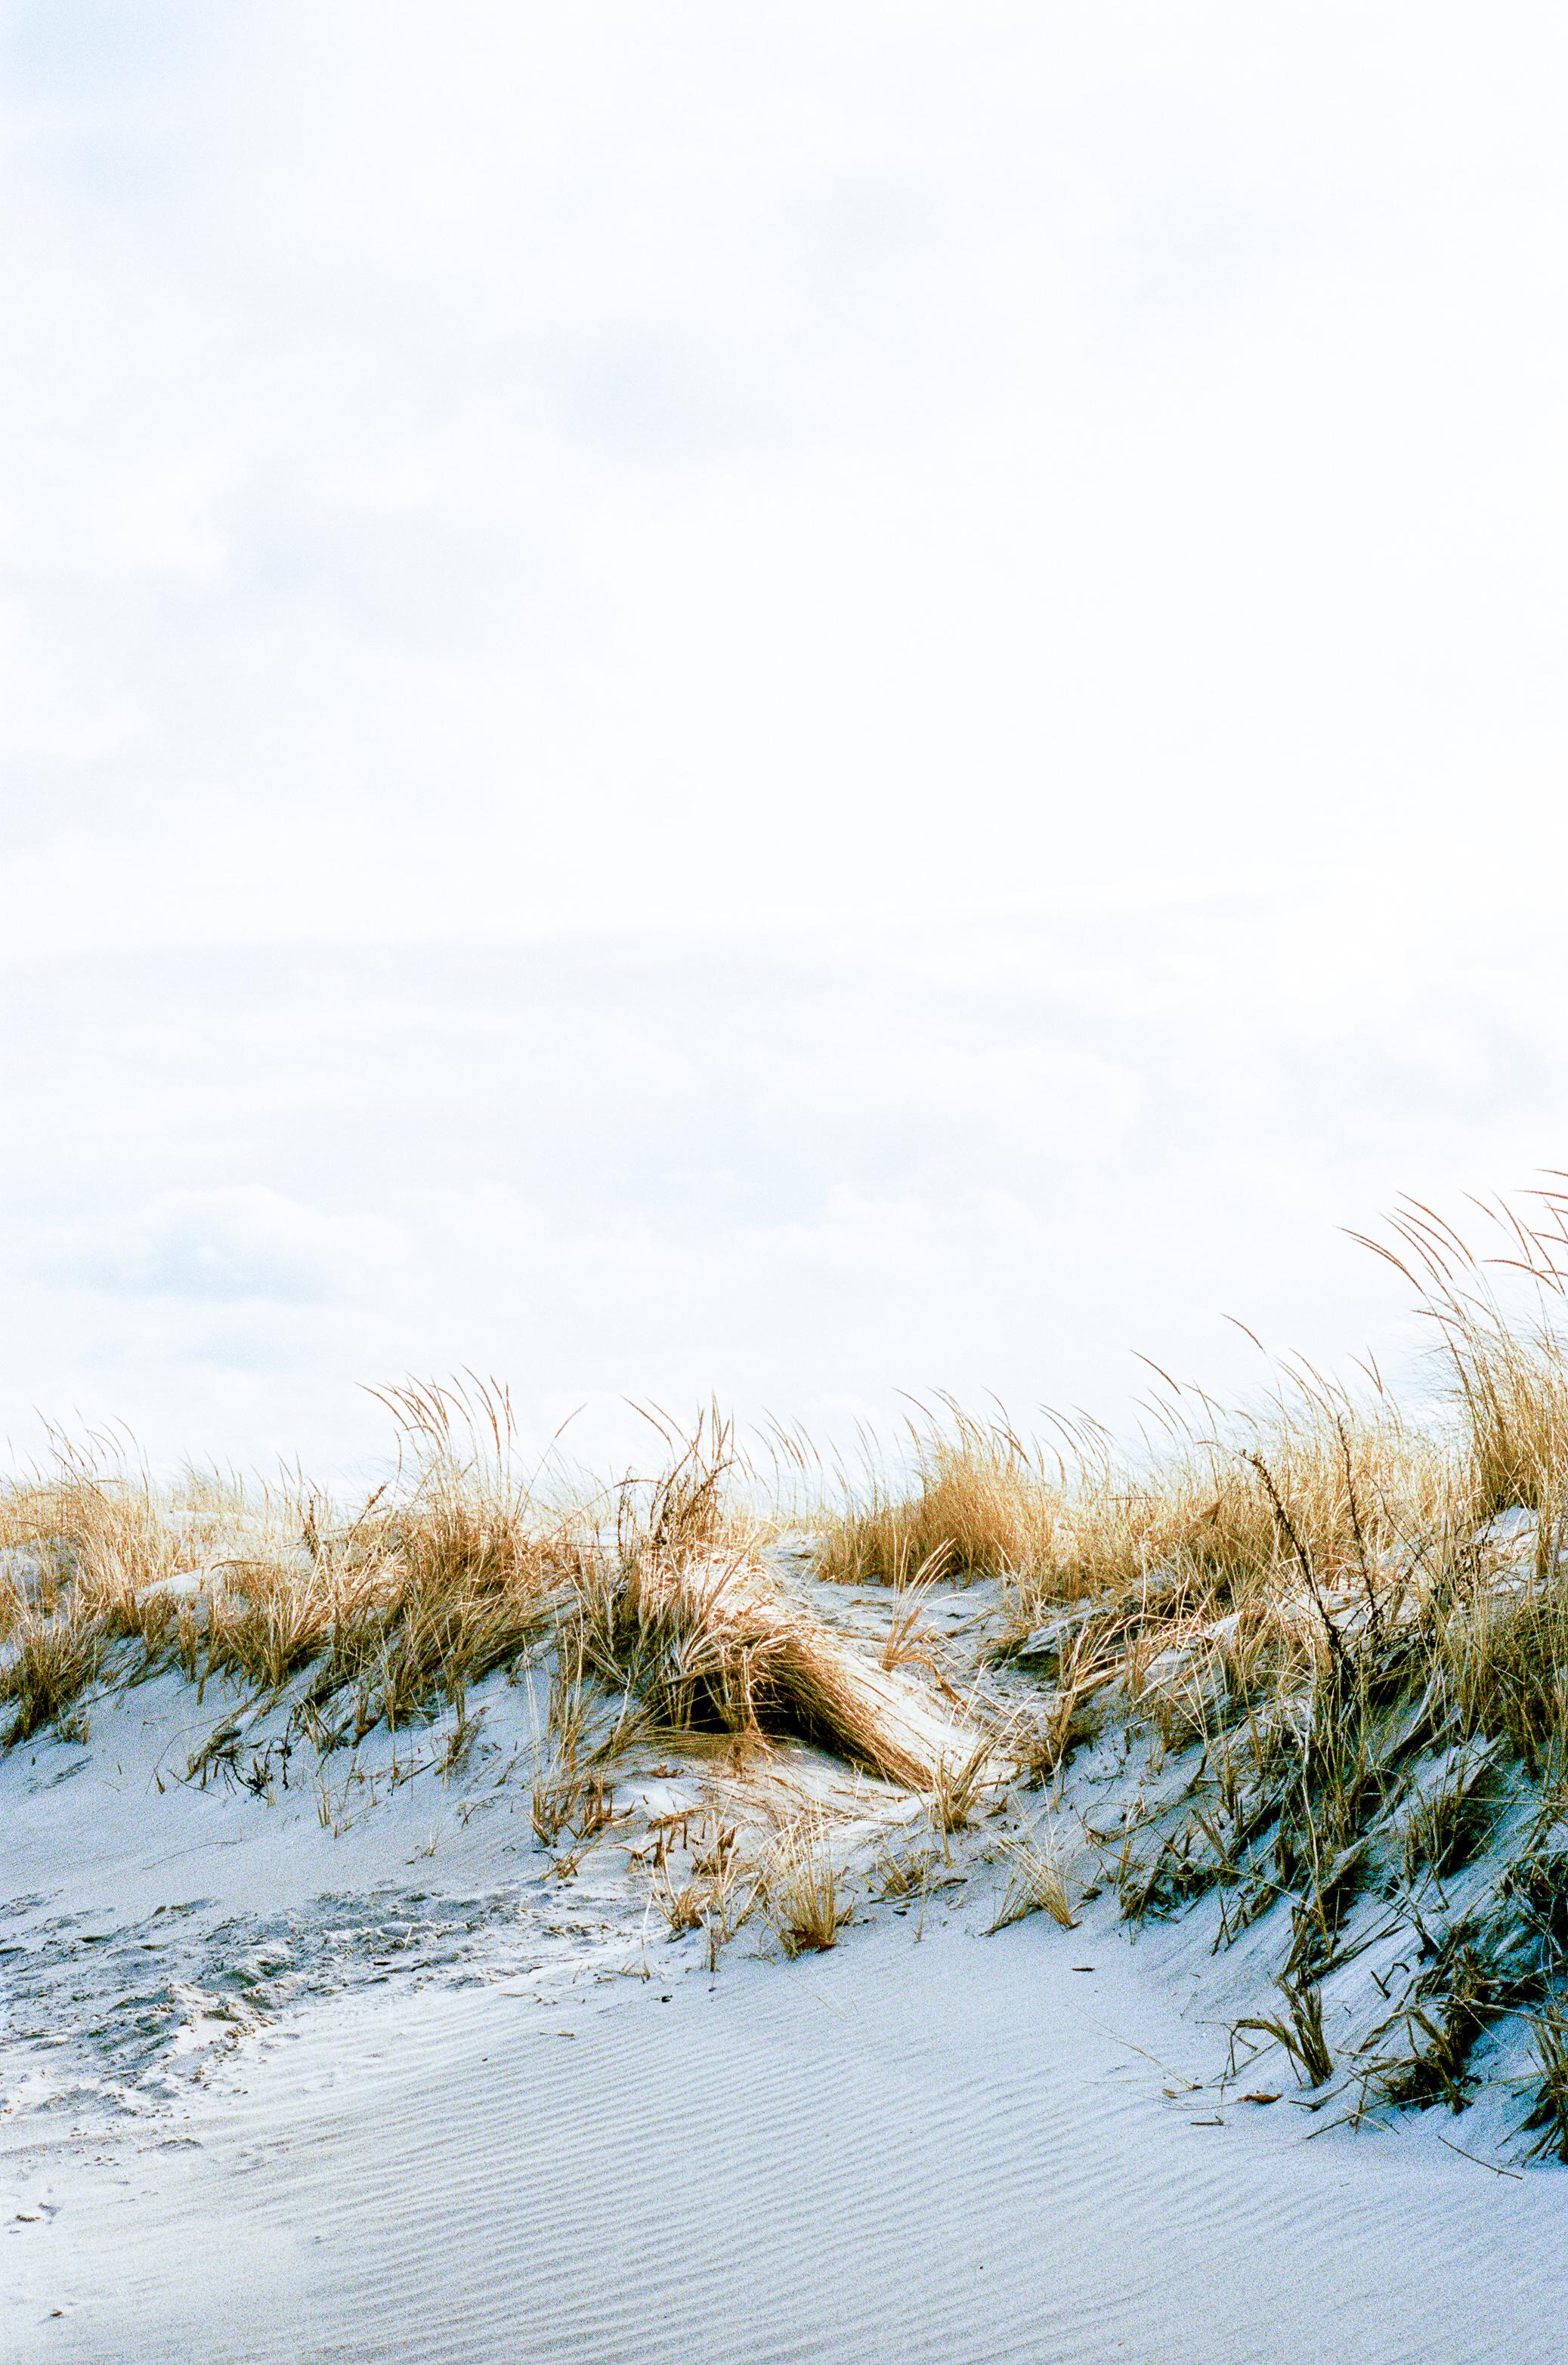 LeicaM6_Portra400-776.jpg